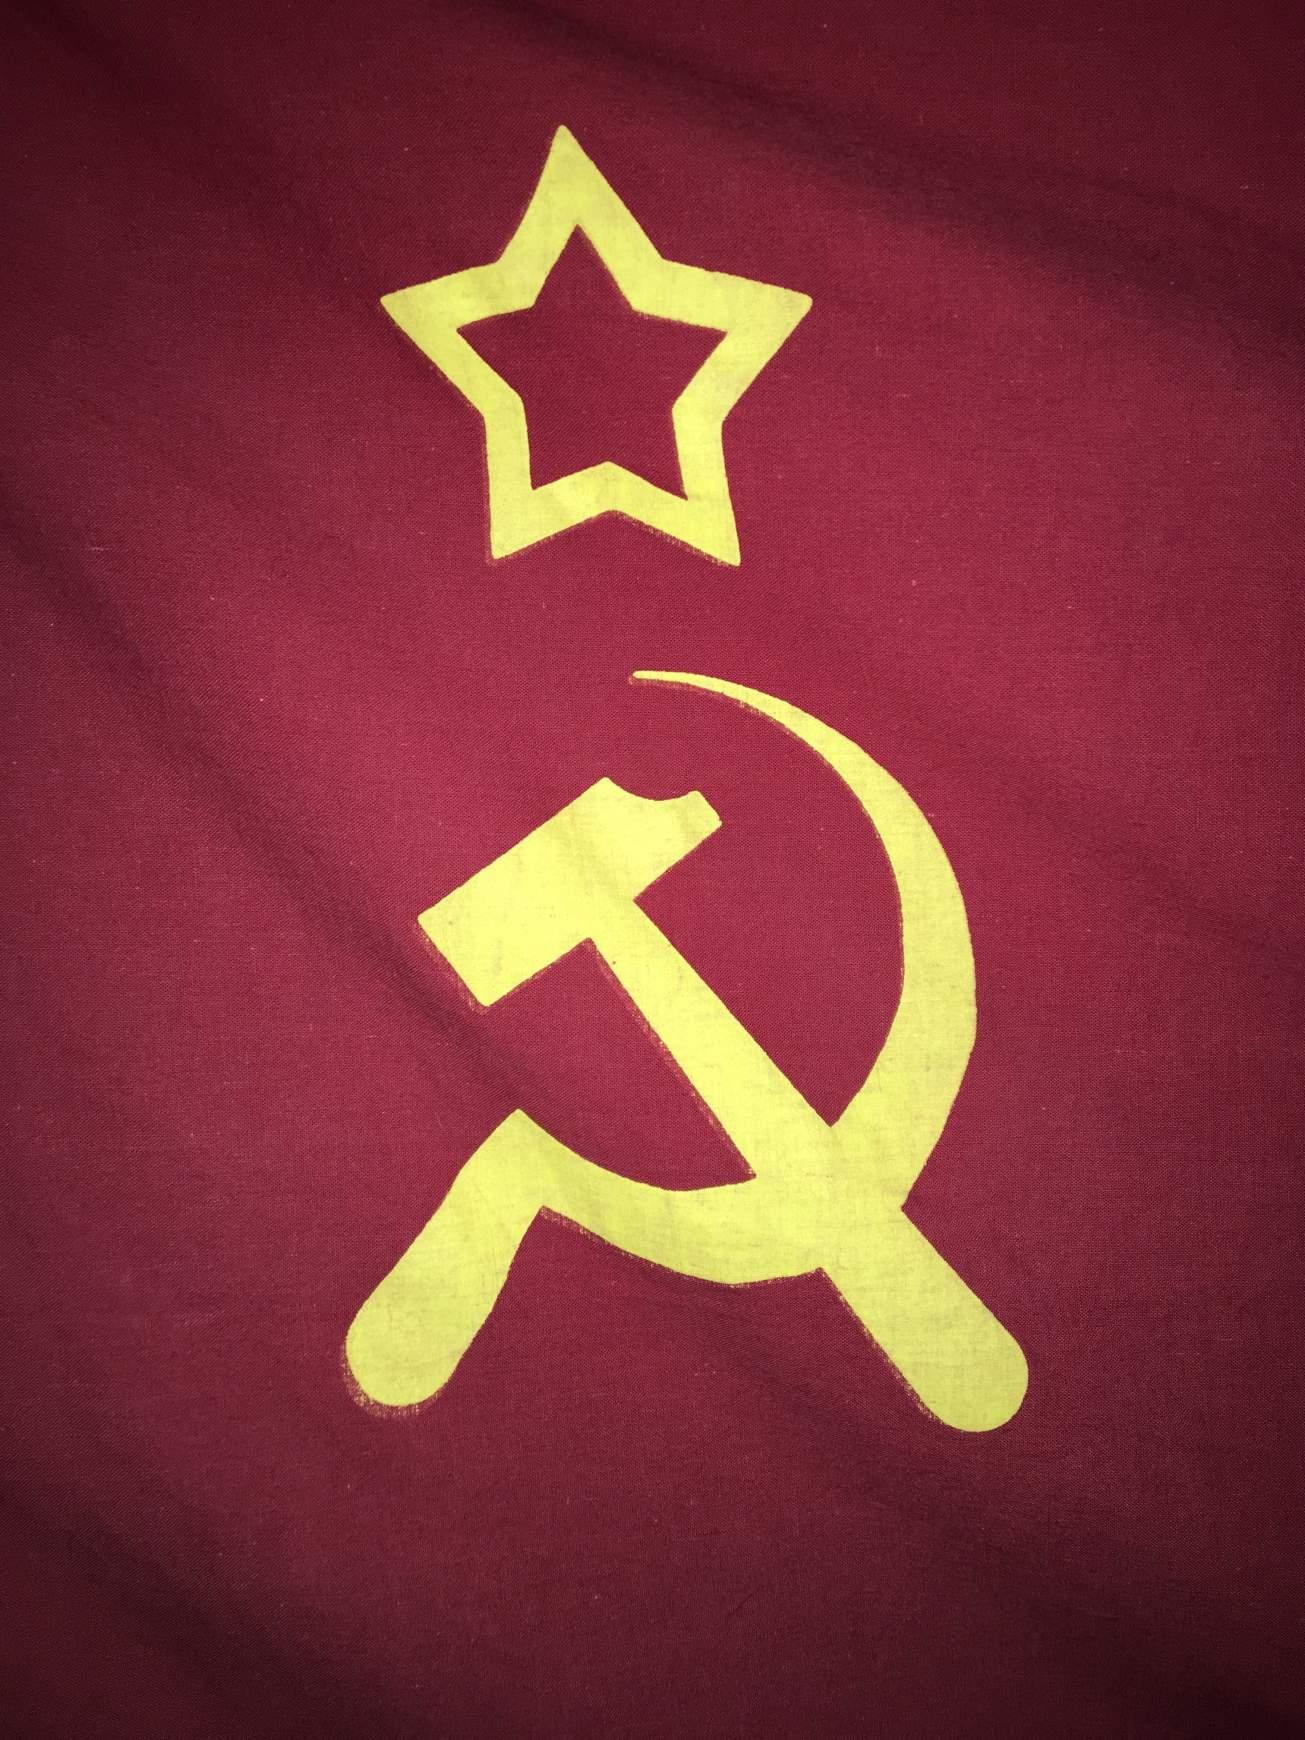 Ussr Flag Ww2 Soviet Flag, WW2 Patte...